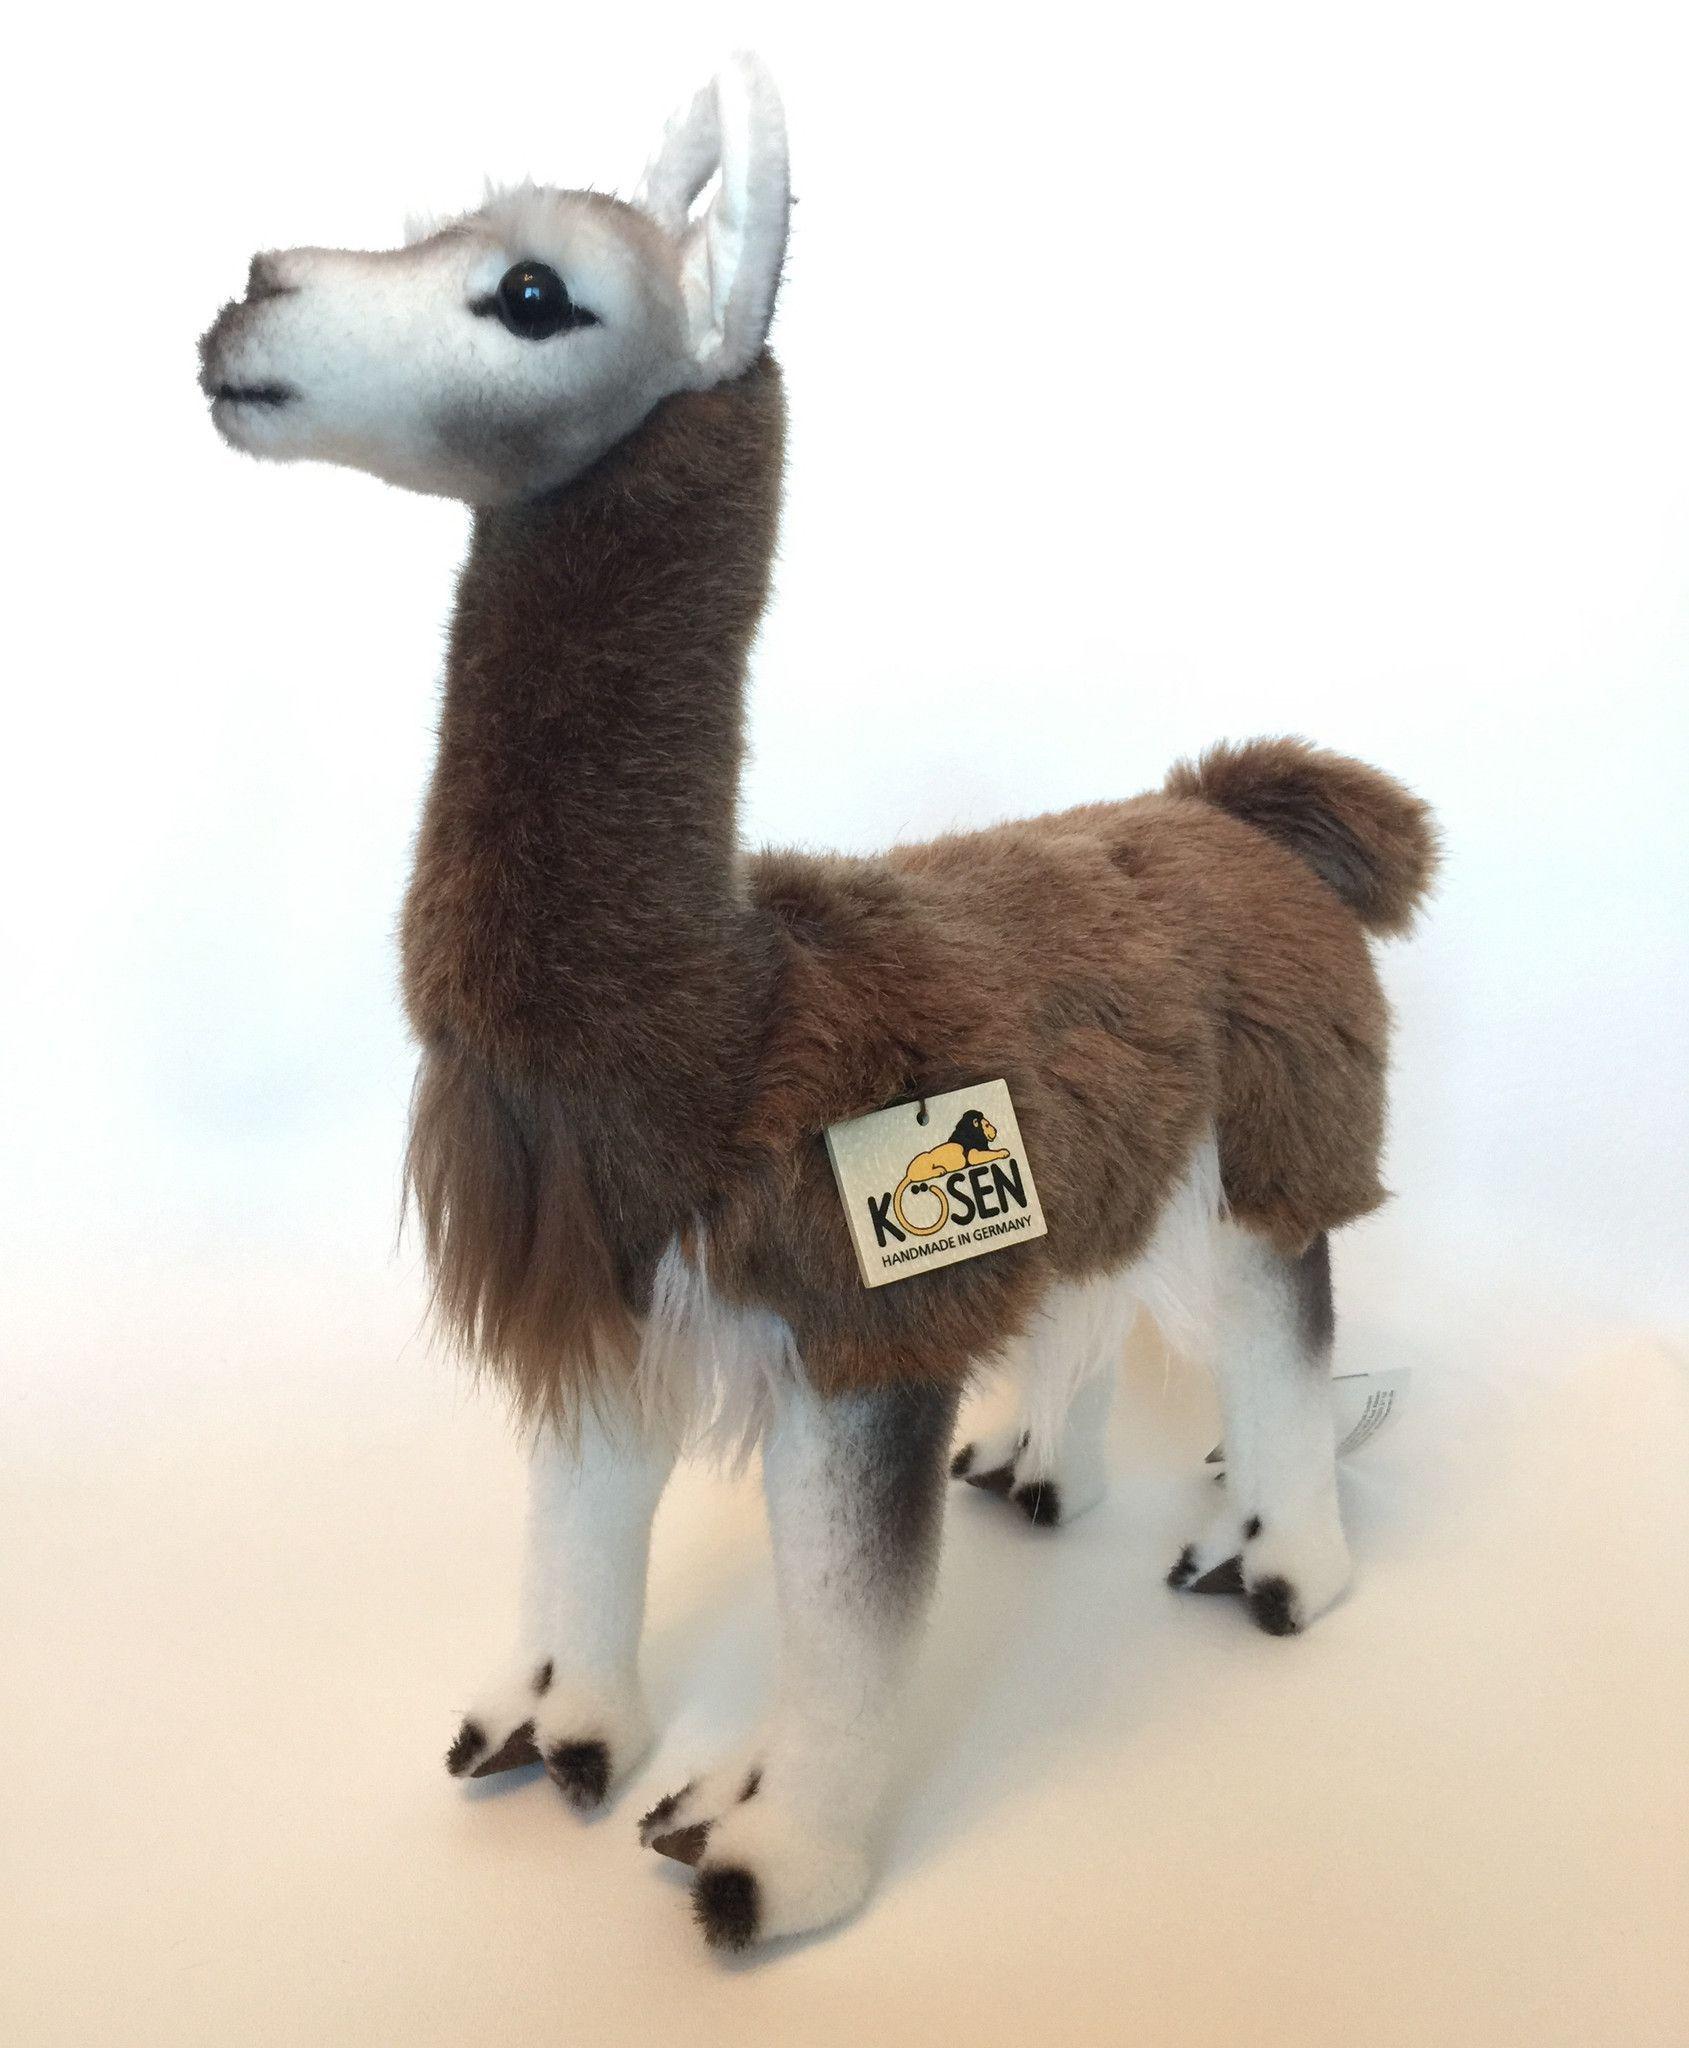 Pin on Alpacas & Llamas